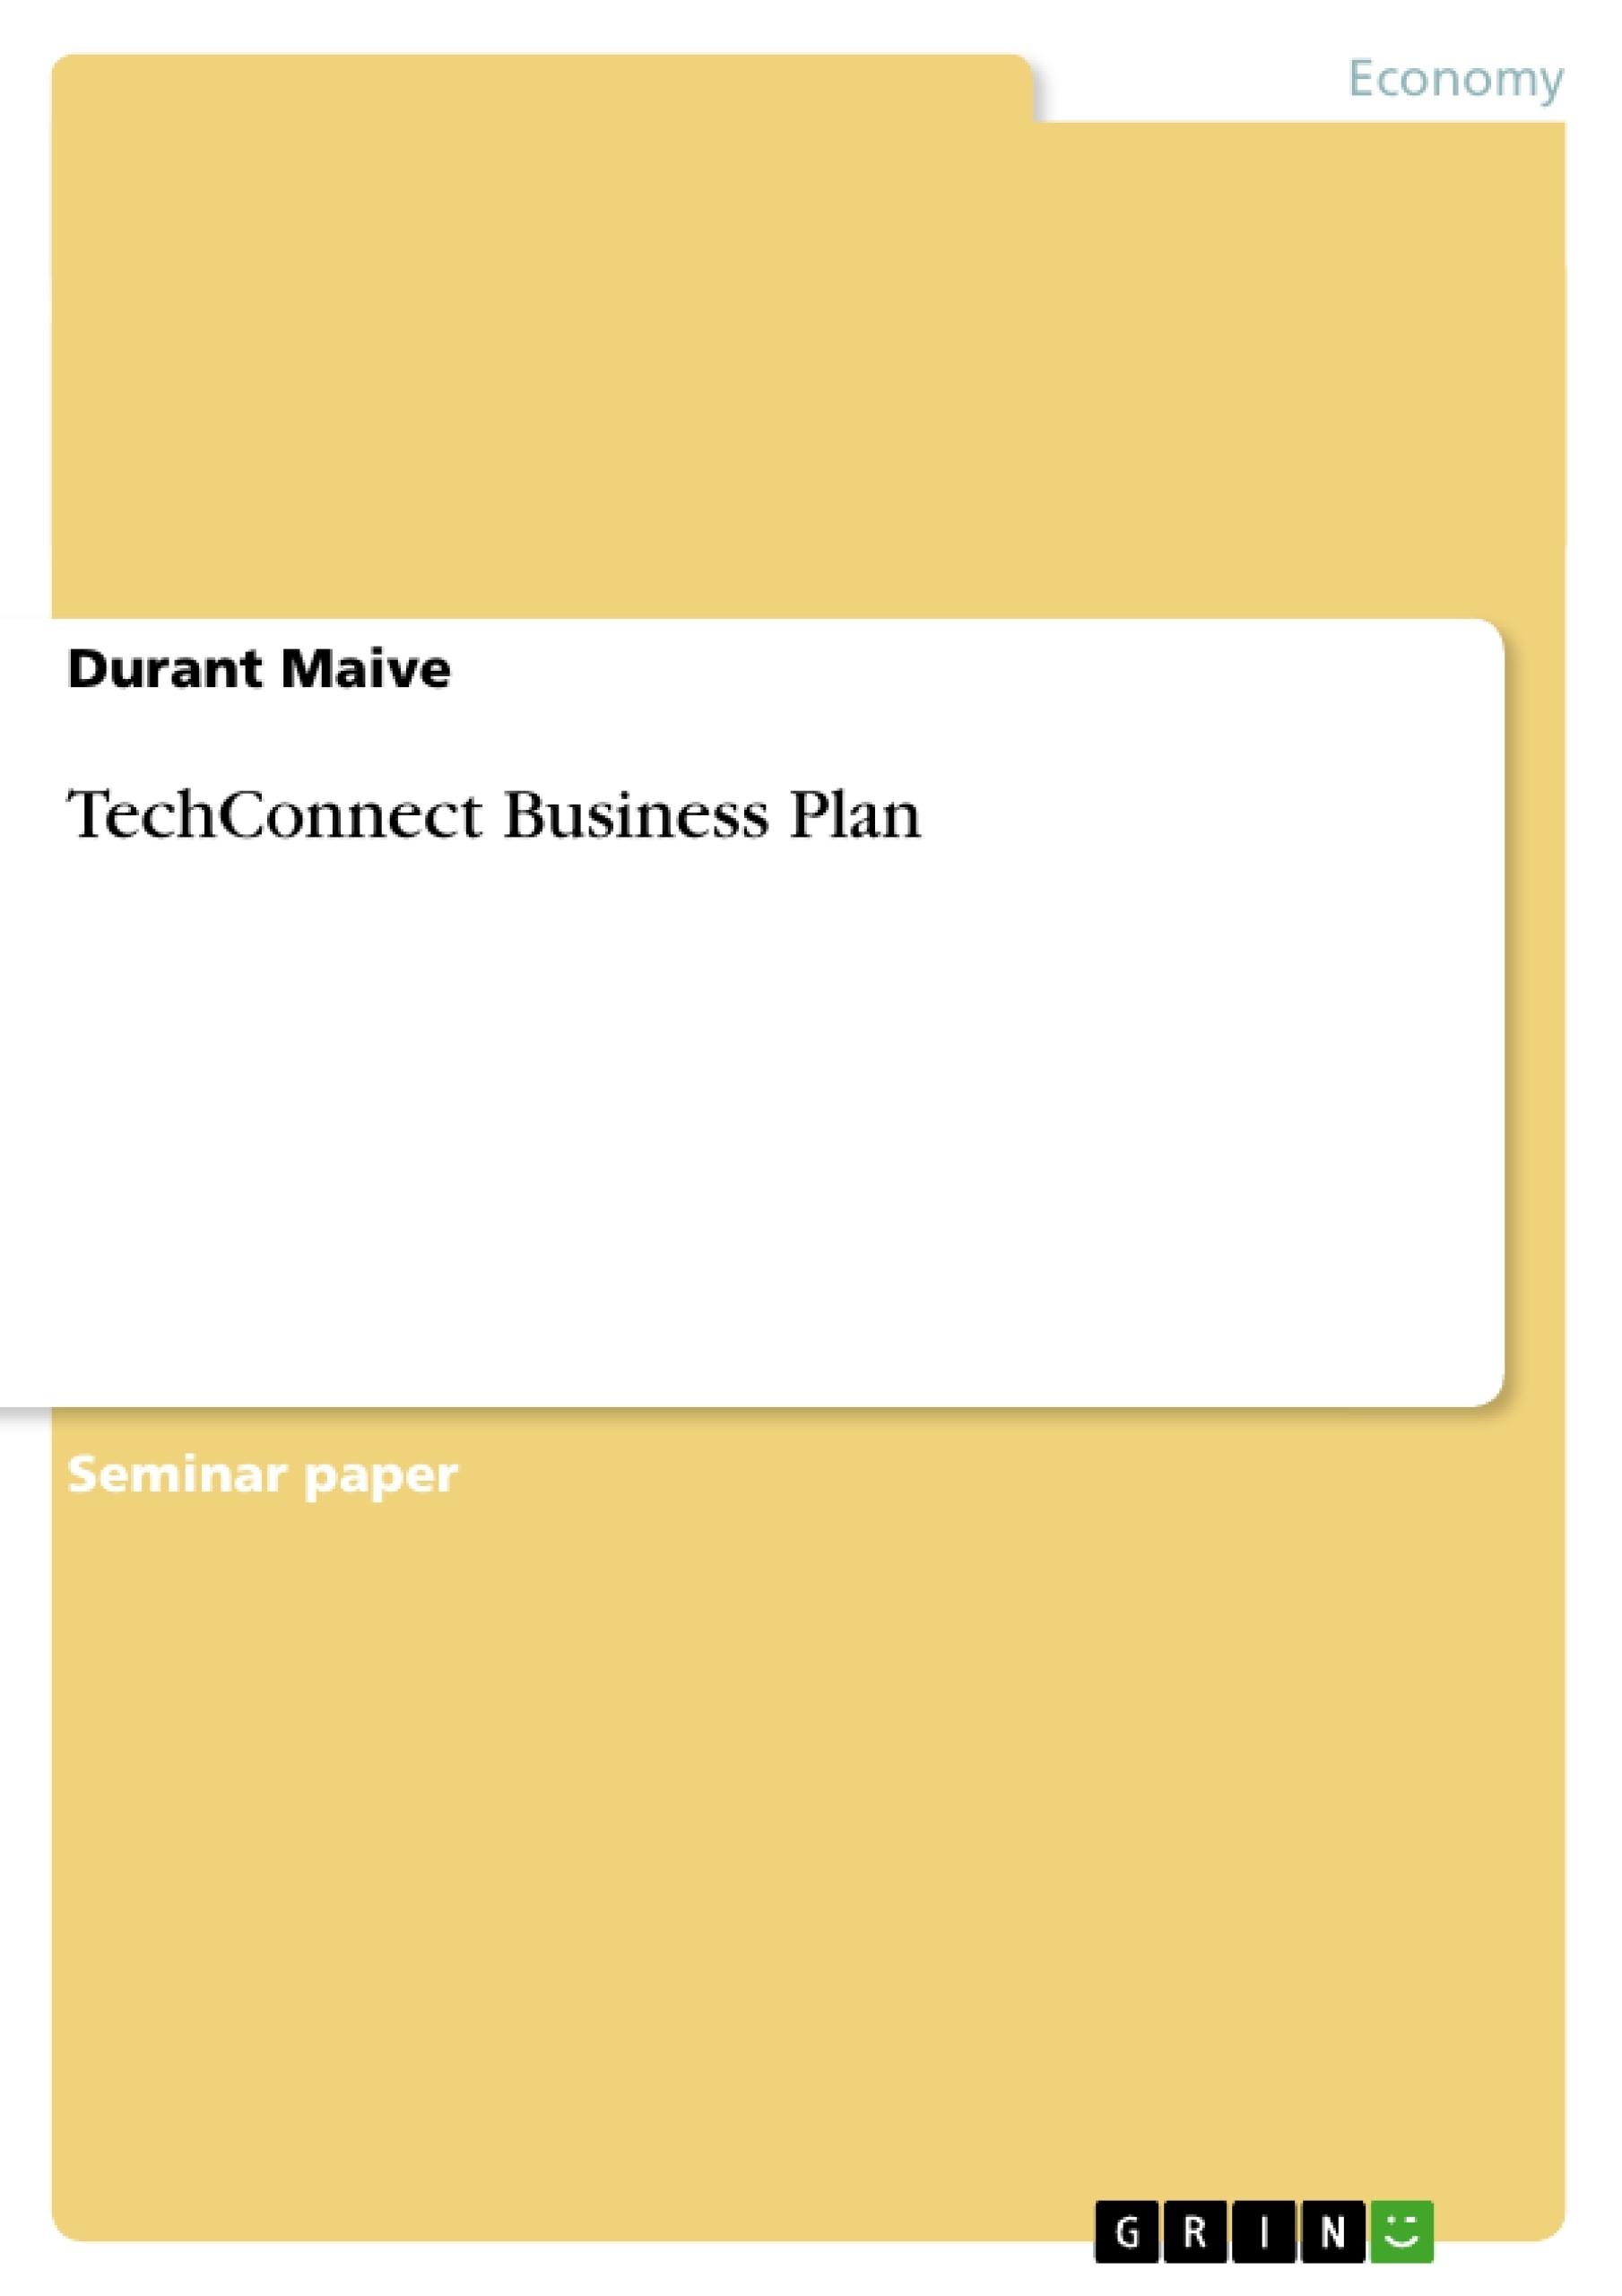 Title: TechConnect Business Plan